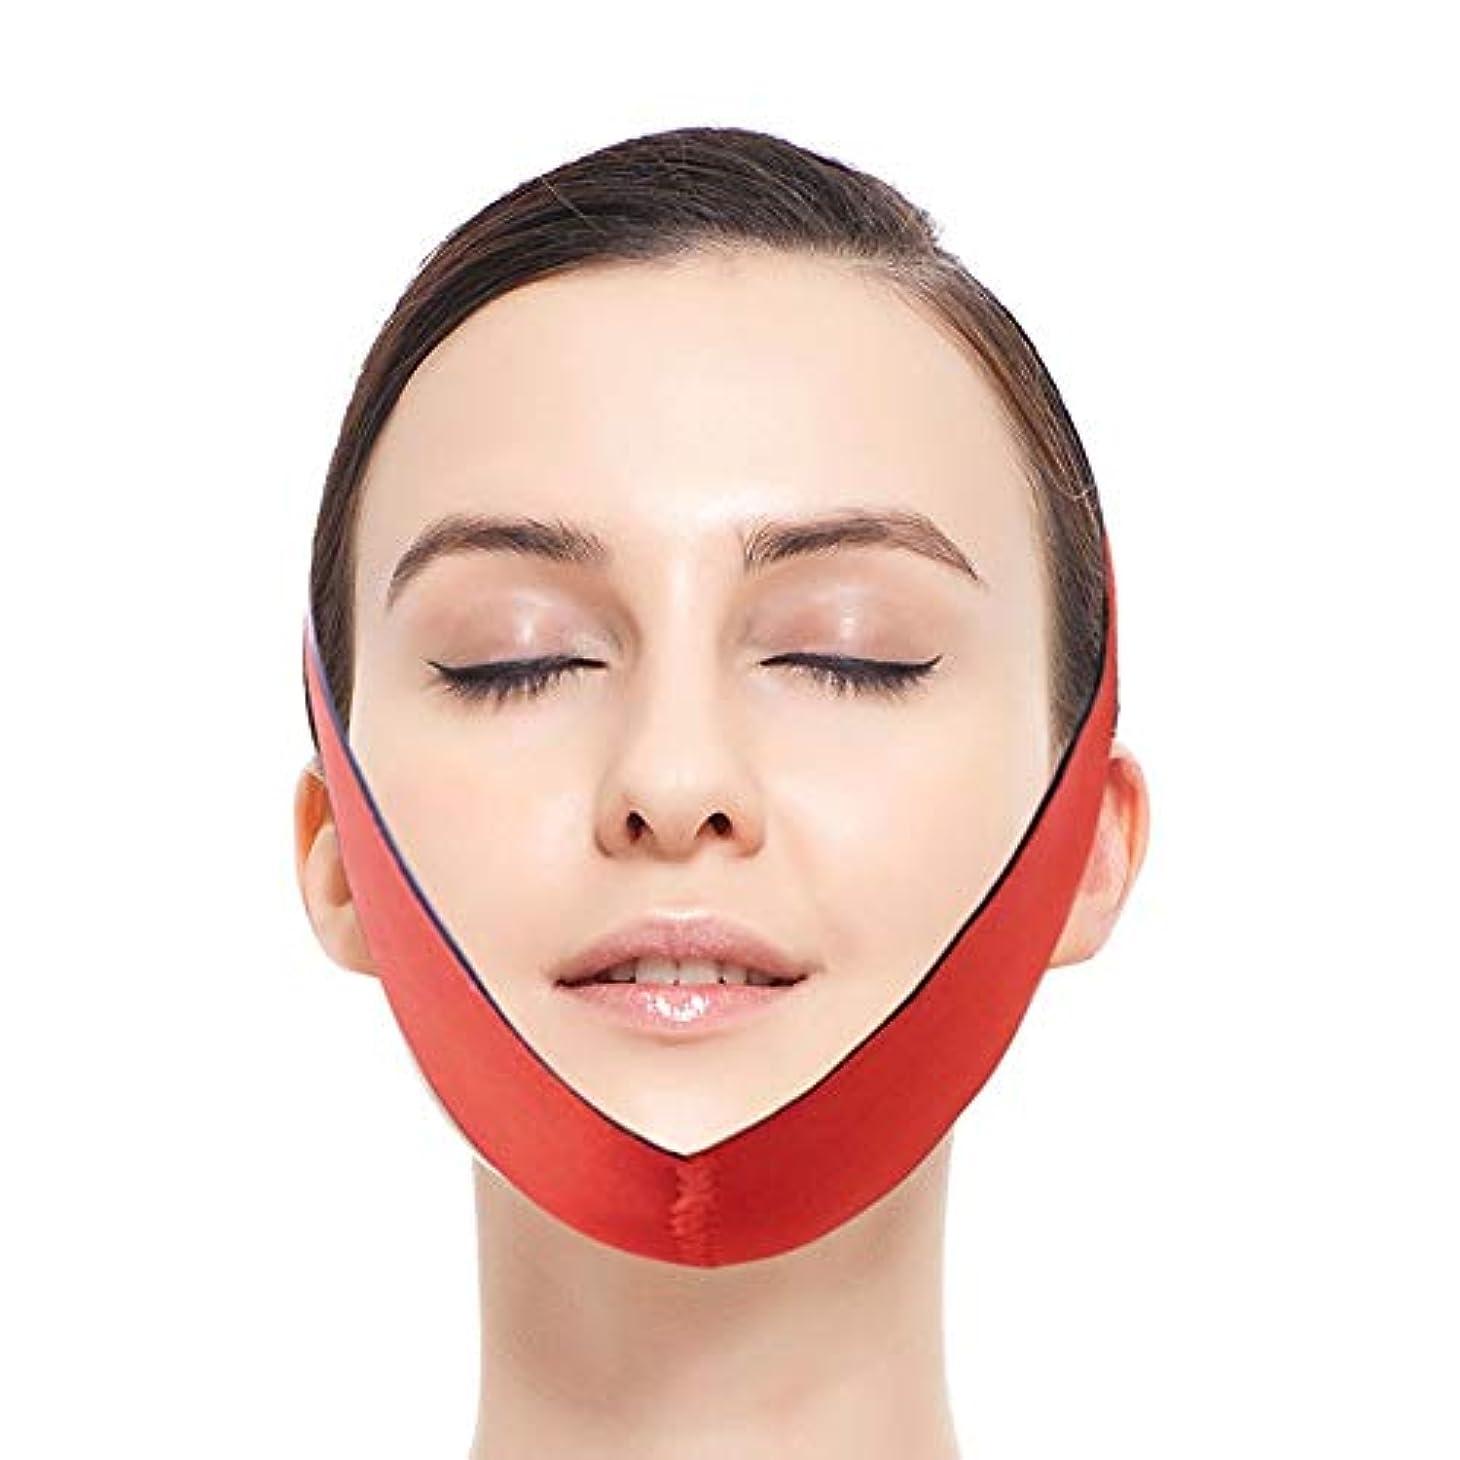 キャビンシャワー率直なGYZ フェイスリフティングアーティファクトVフェイス包帯マスクダブルあご引き締め顔薄い咬傷筋肉下顎矯正顔 Thin Face Belt